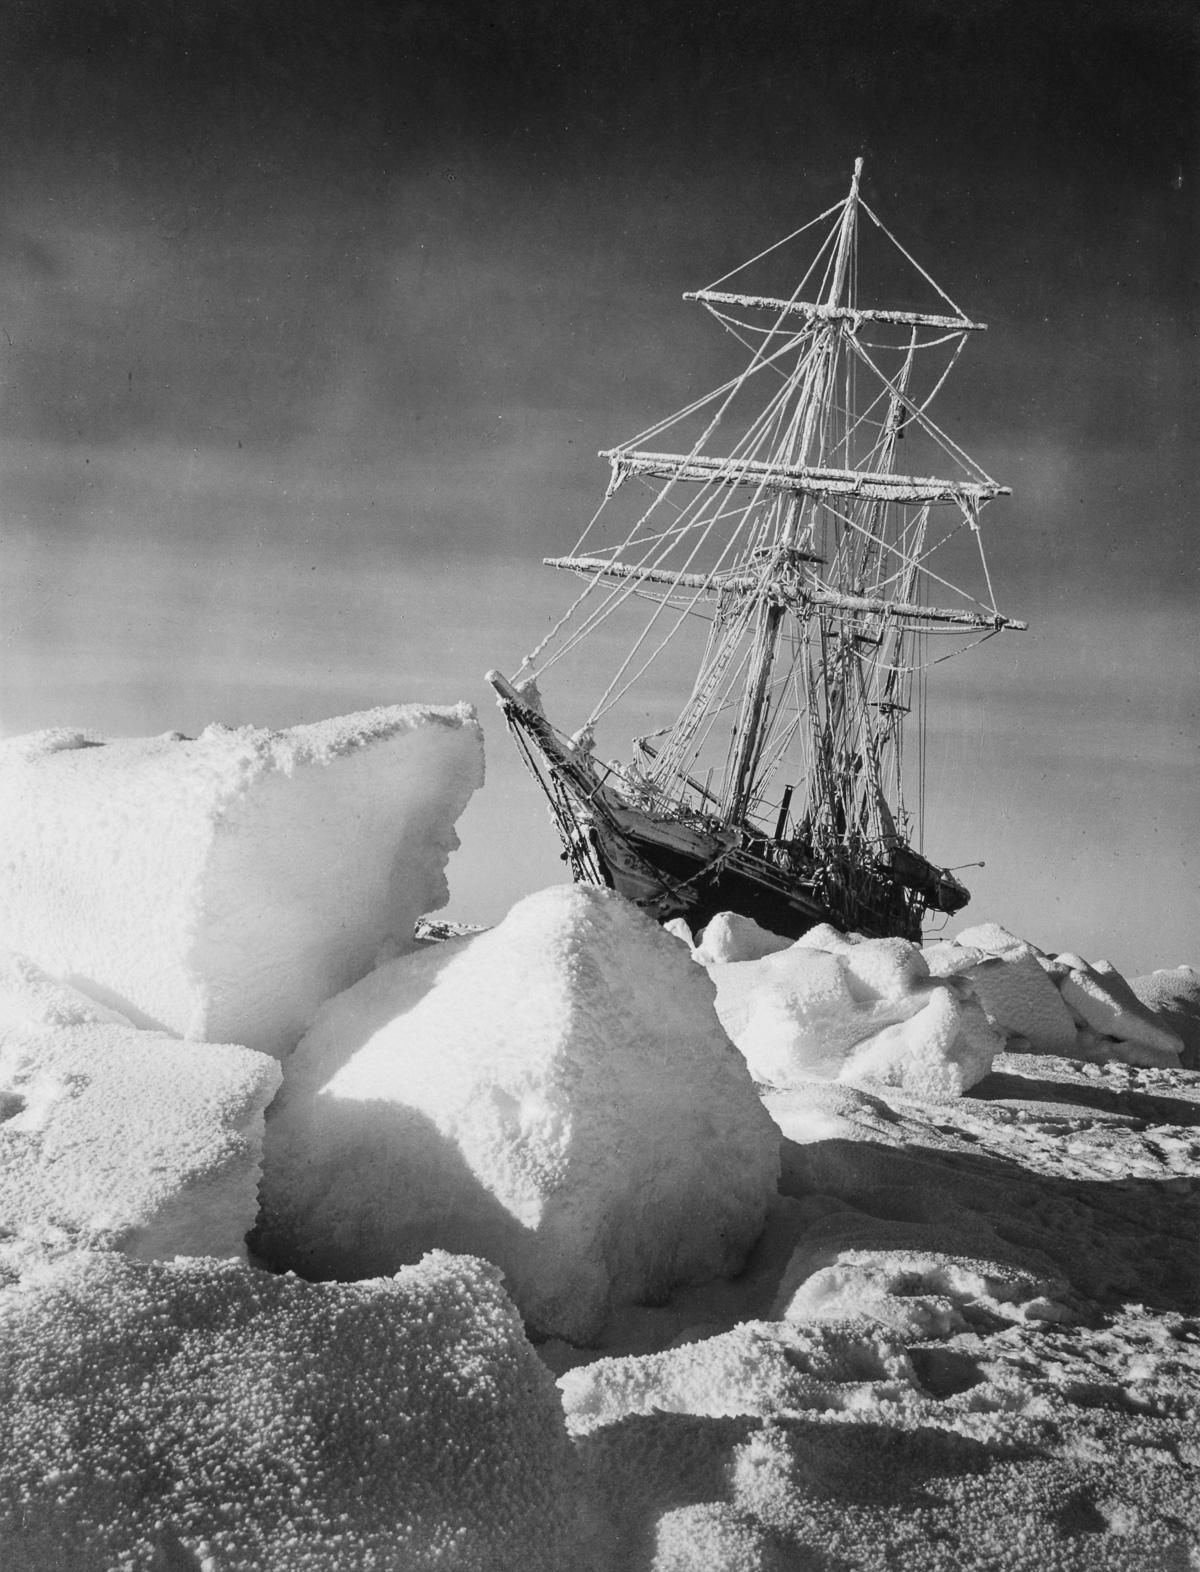 Fotografii Imperskoy transantarkticheskoy ekspeditsiey 1